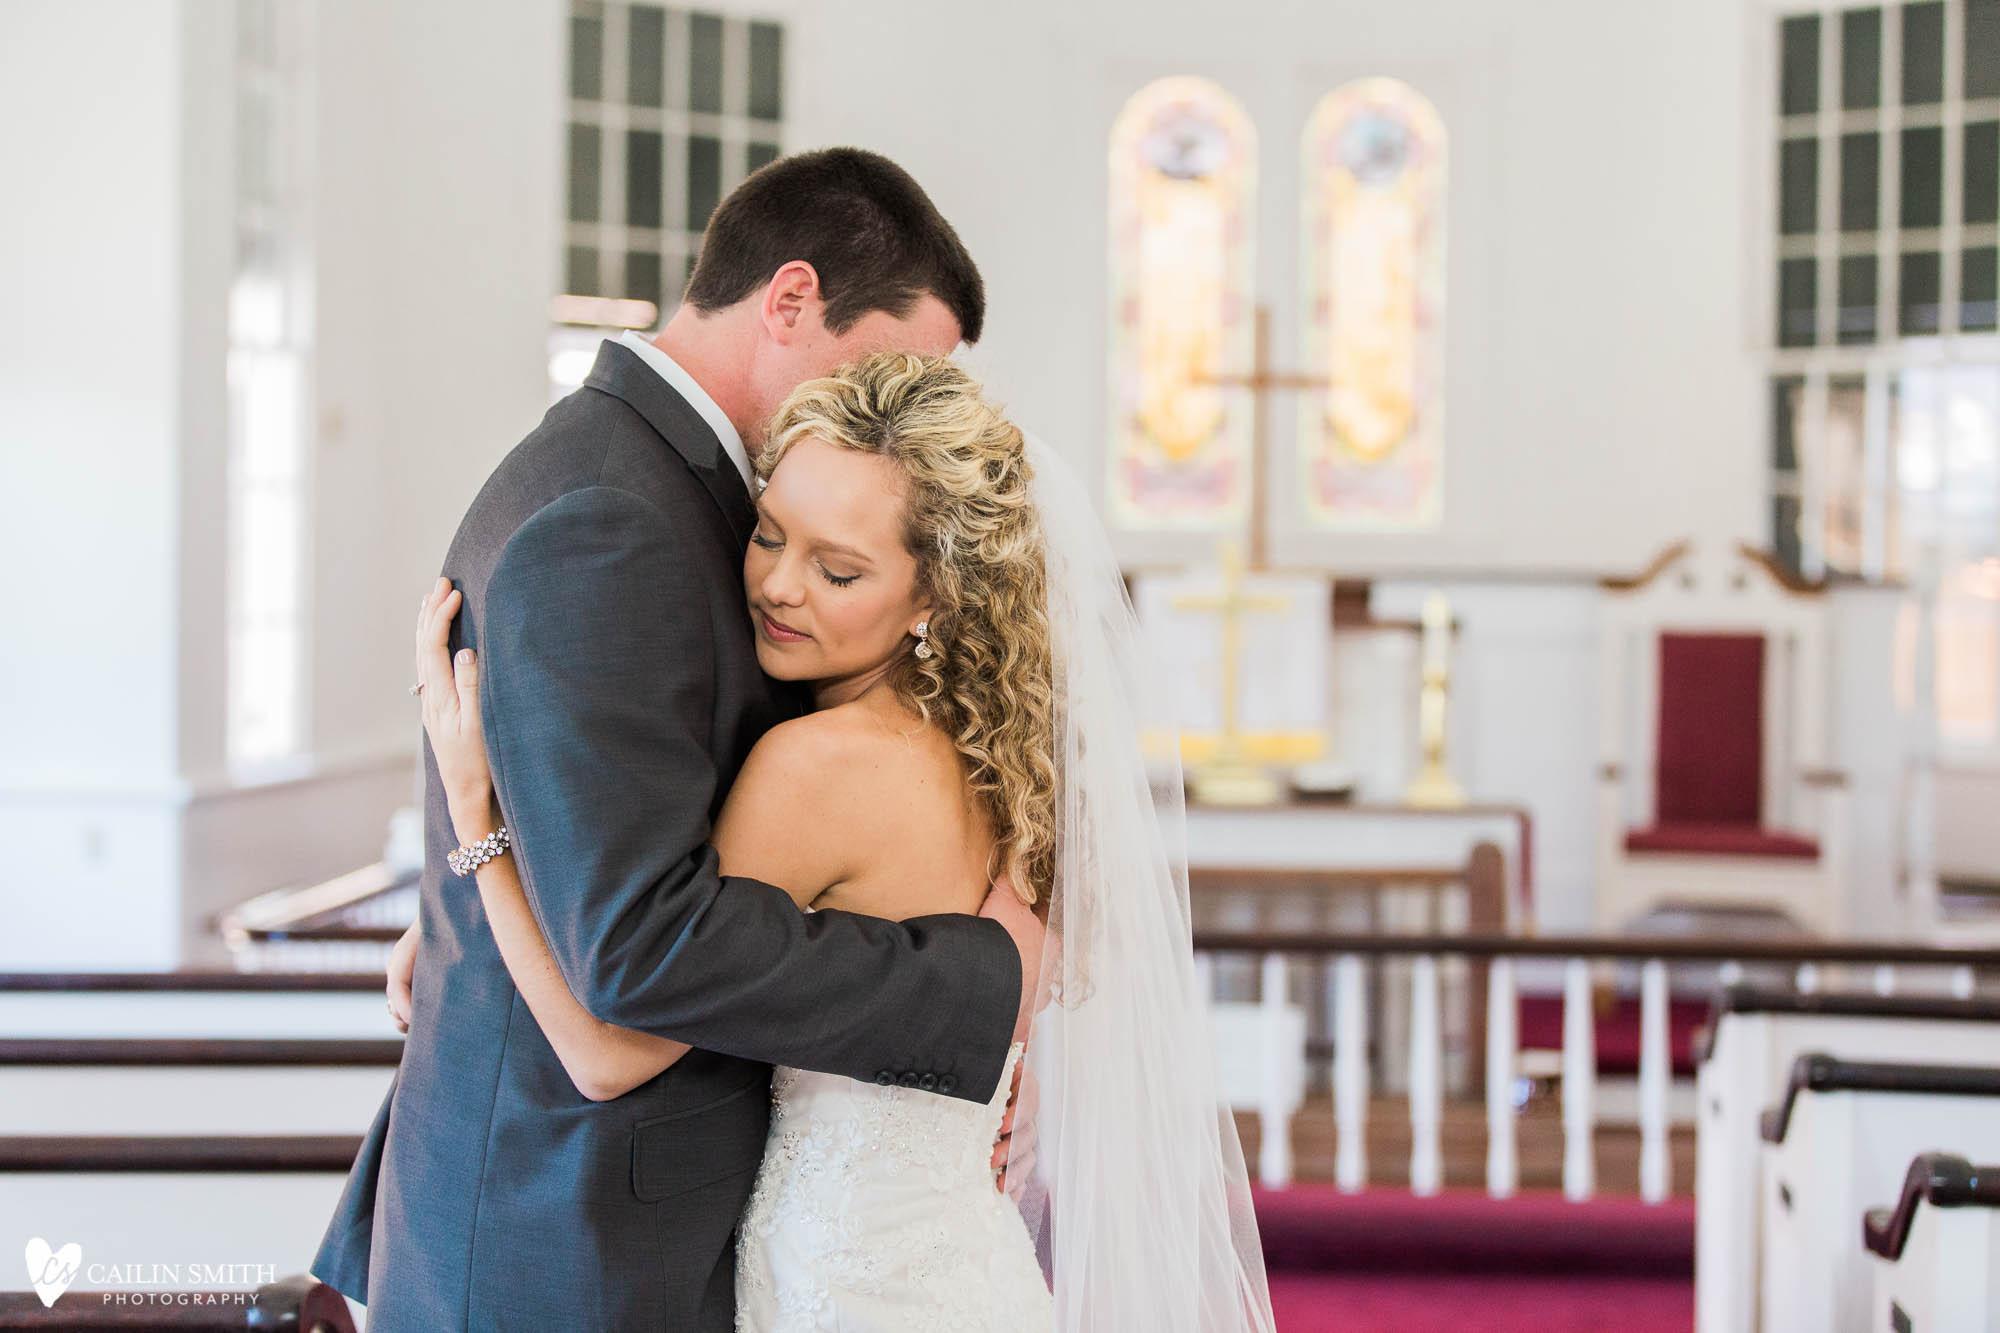 Leah_Major_St_Marys_Wedding_Photography_036.jpg